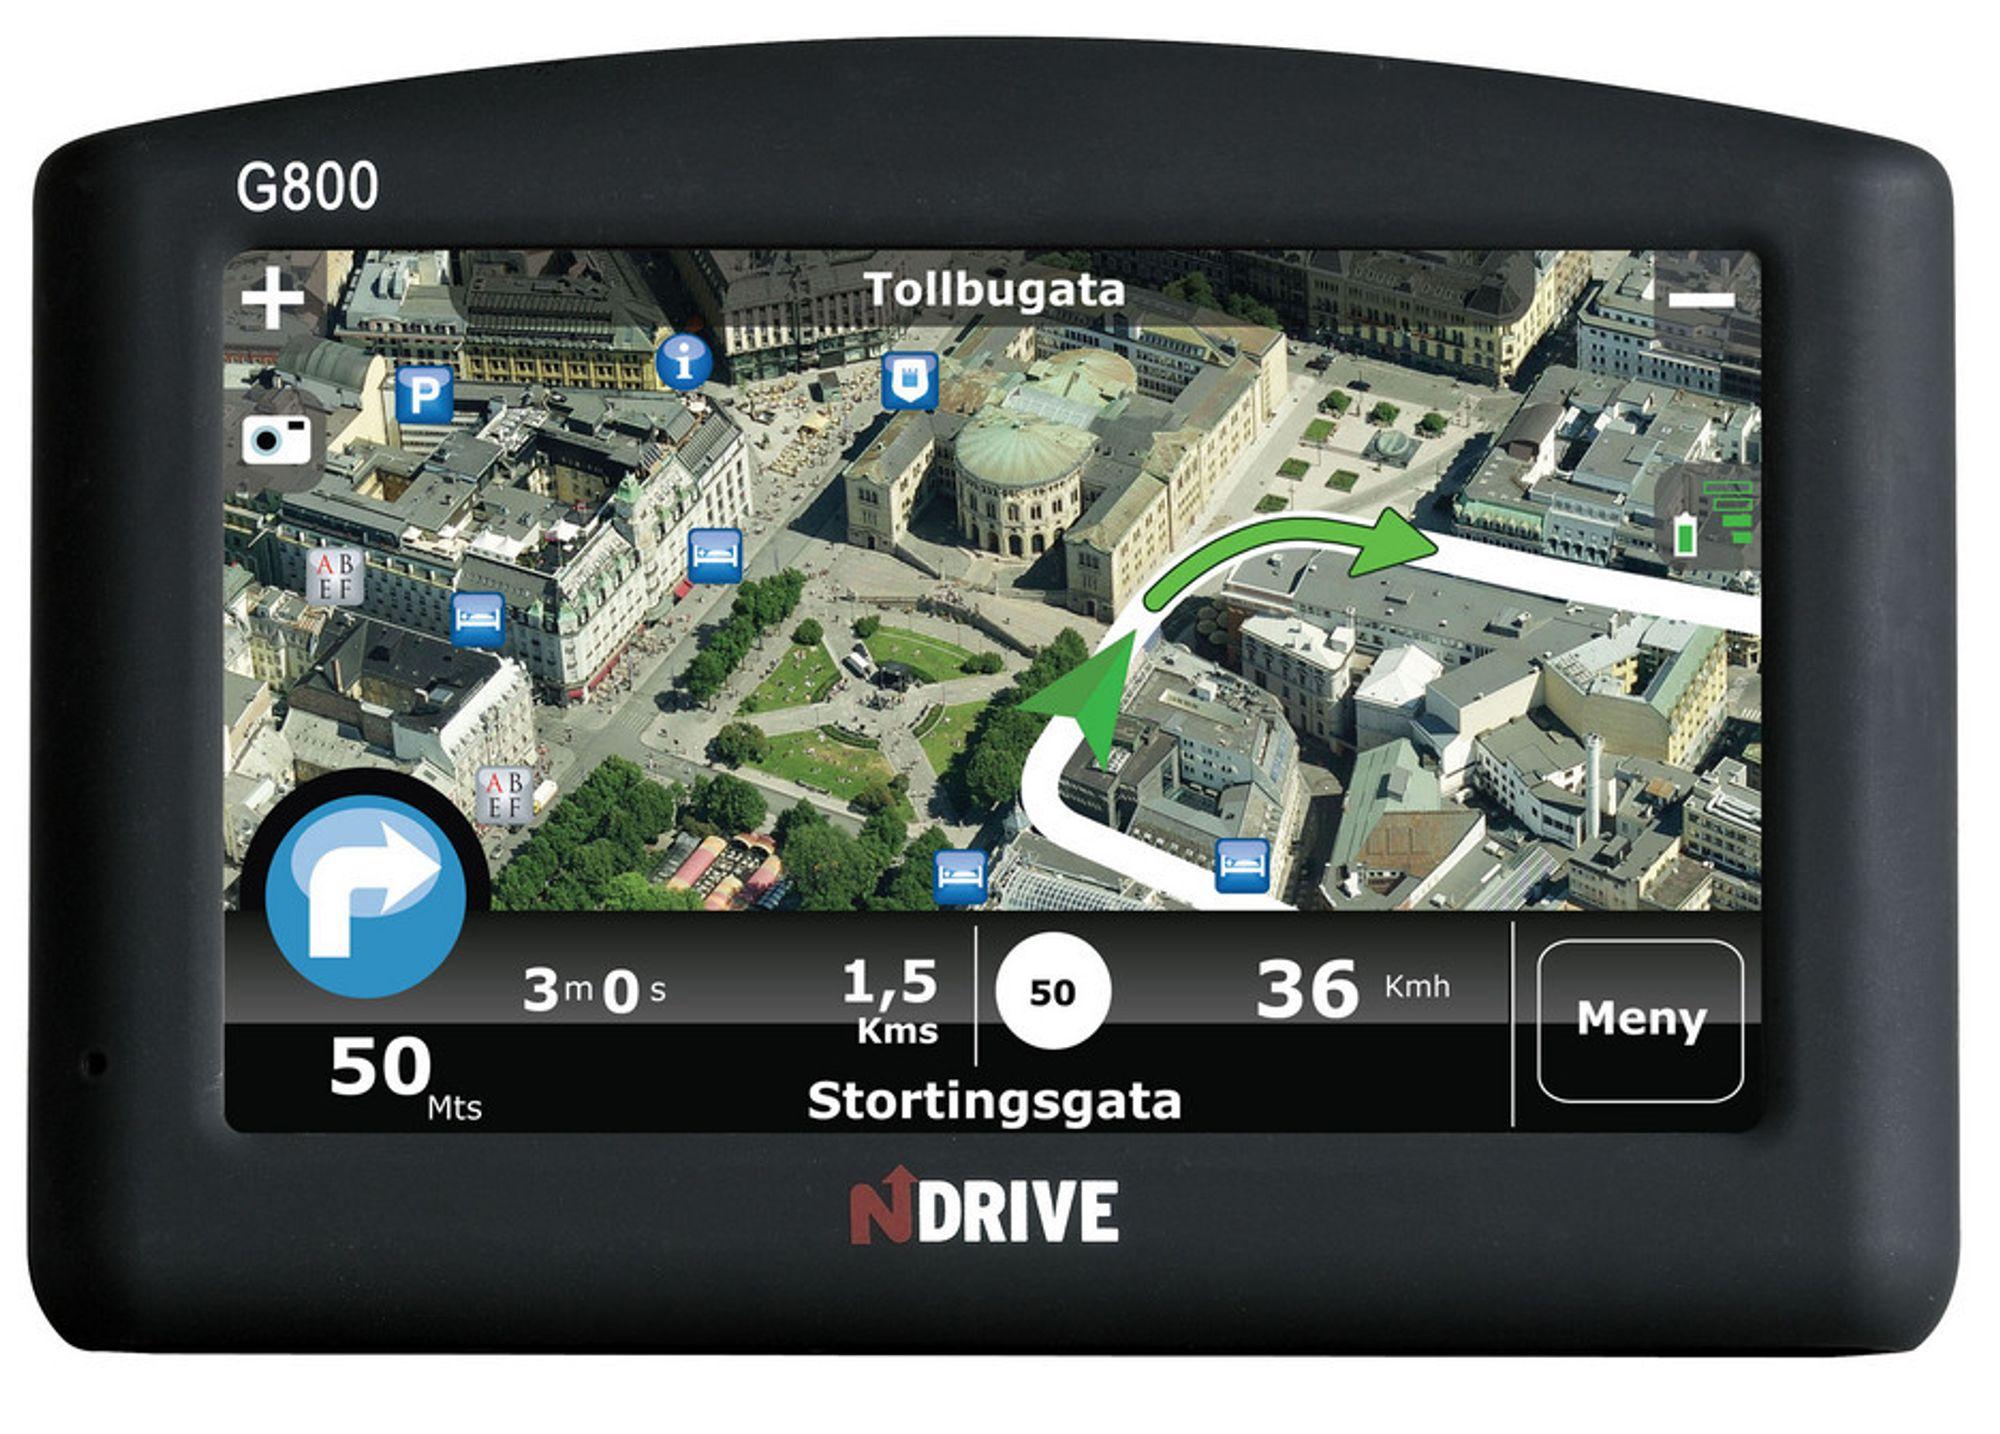 FOTO GPSDet kan være enklere og orientere seg i bilder av området enn i et datagenerert kart.